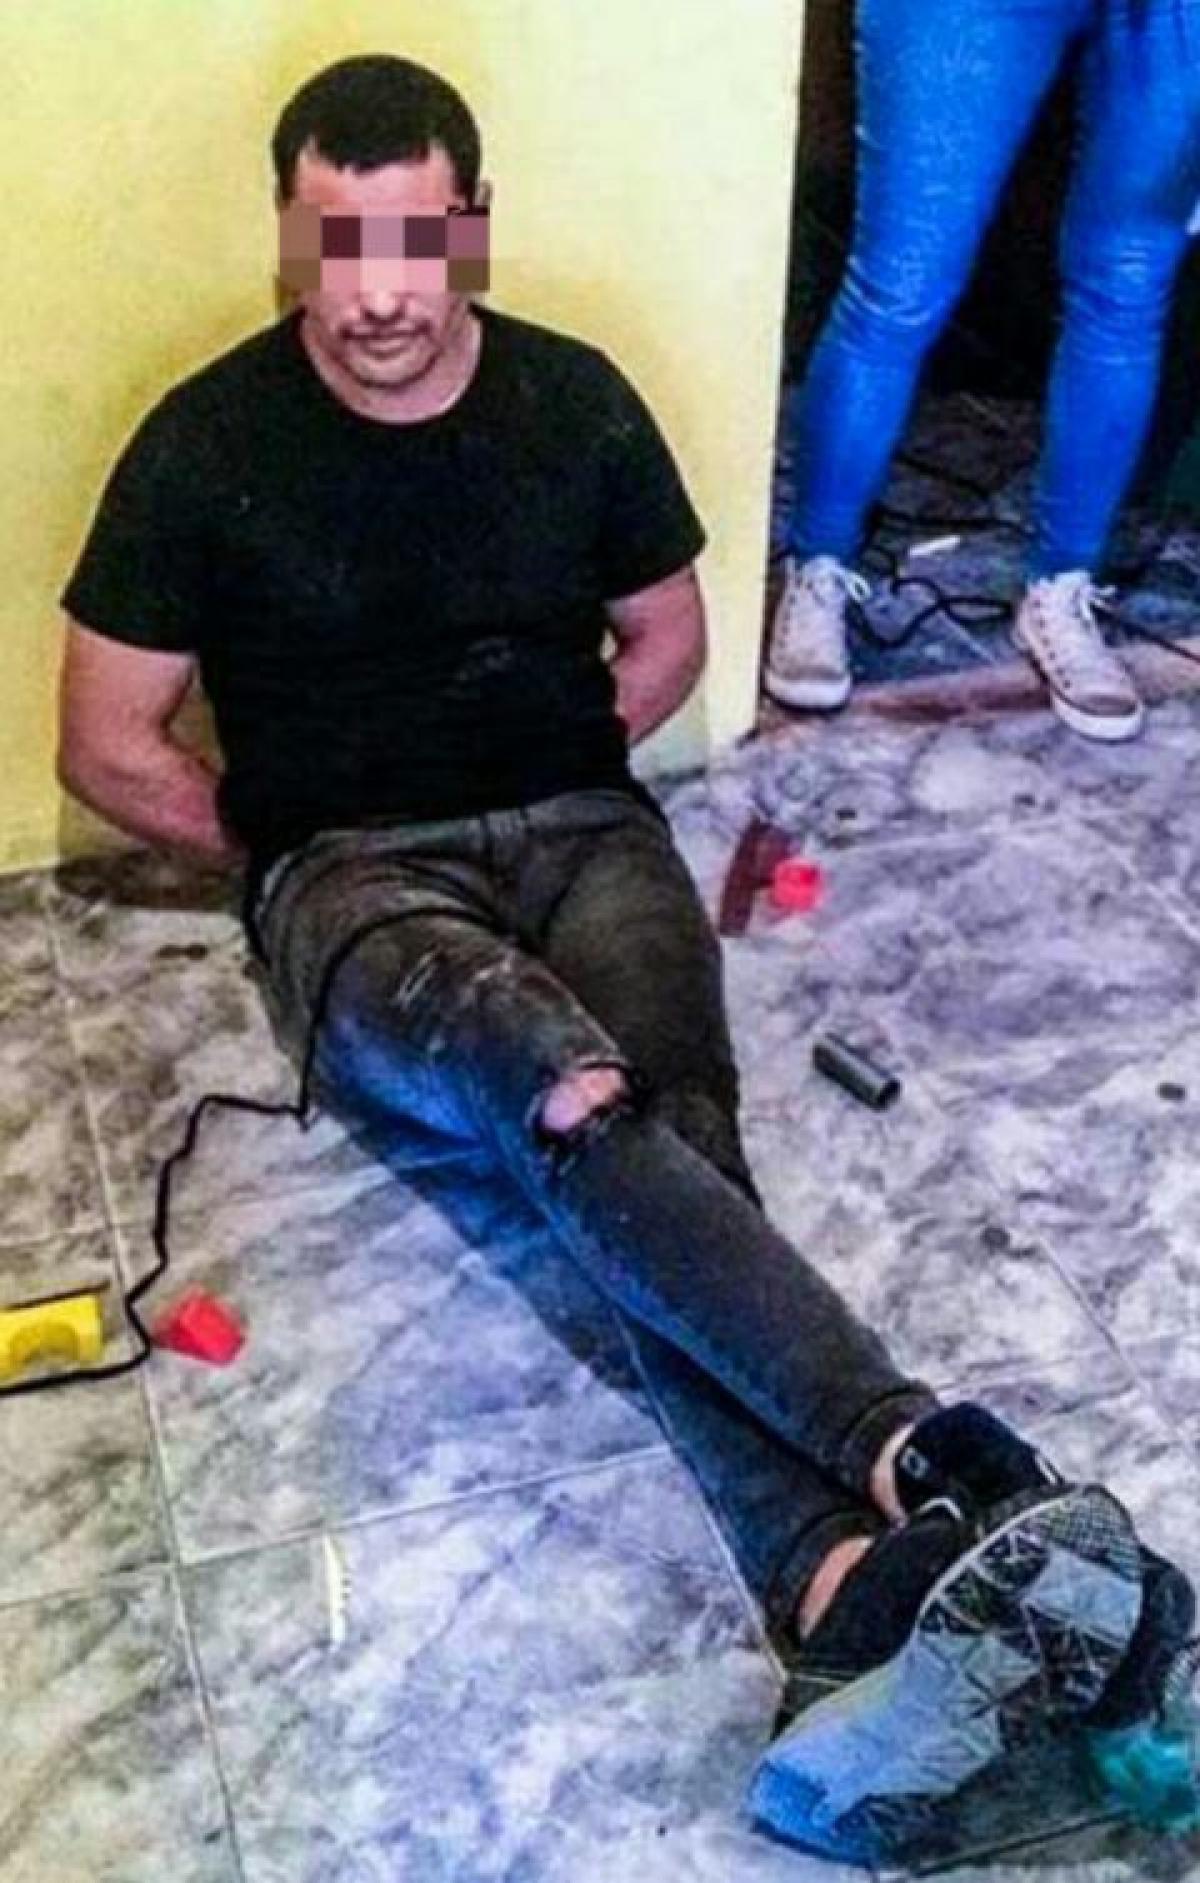 Pedirán perpetua para Ariel Morales por el crimen de Romero